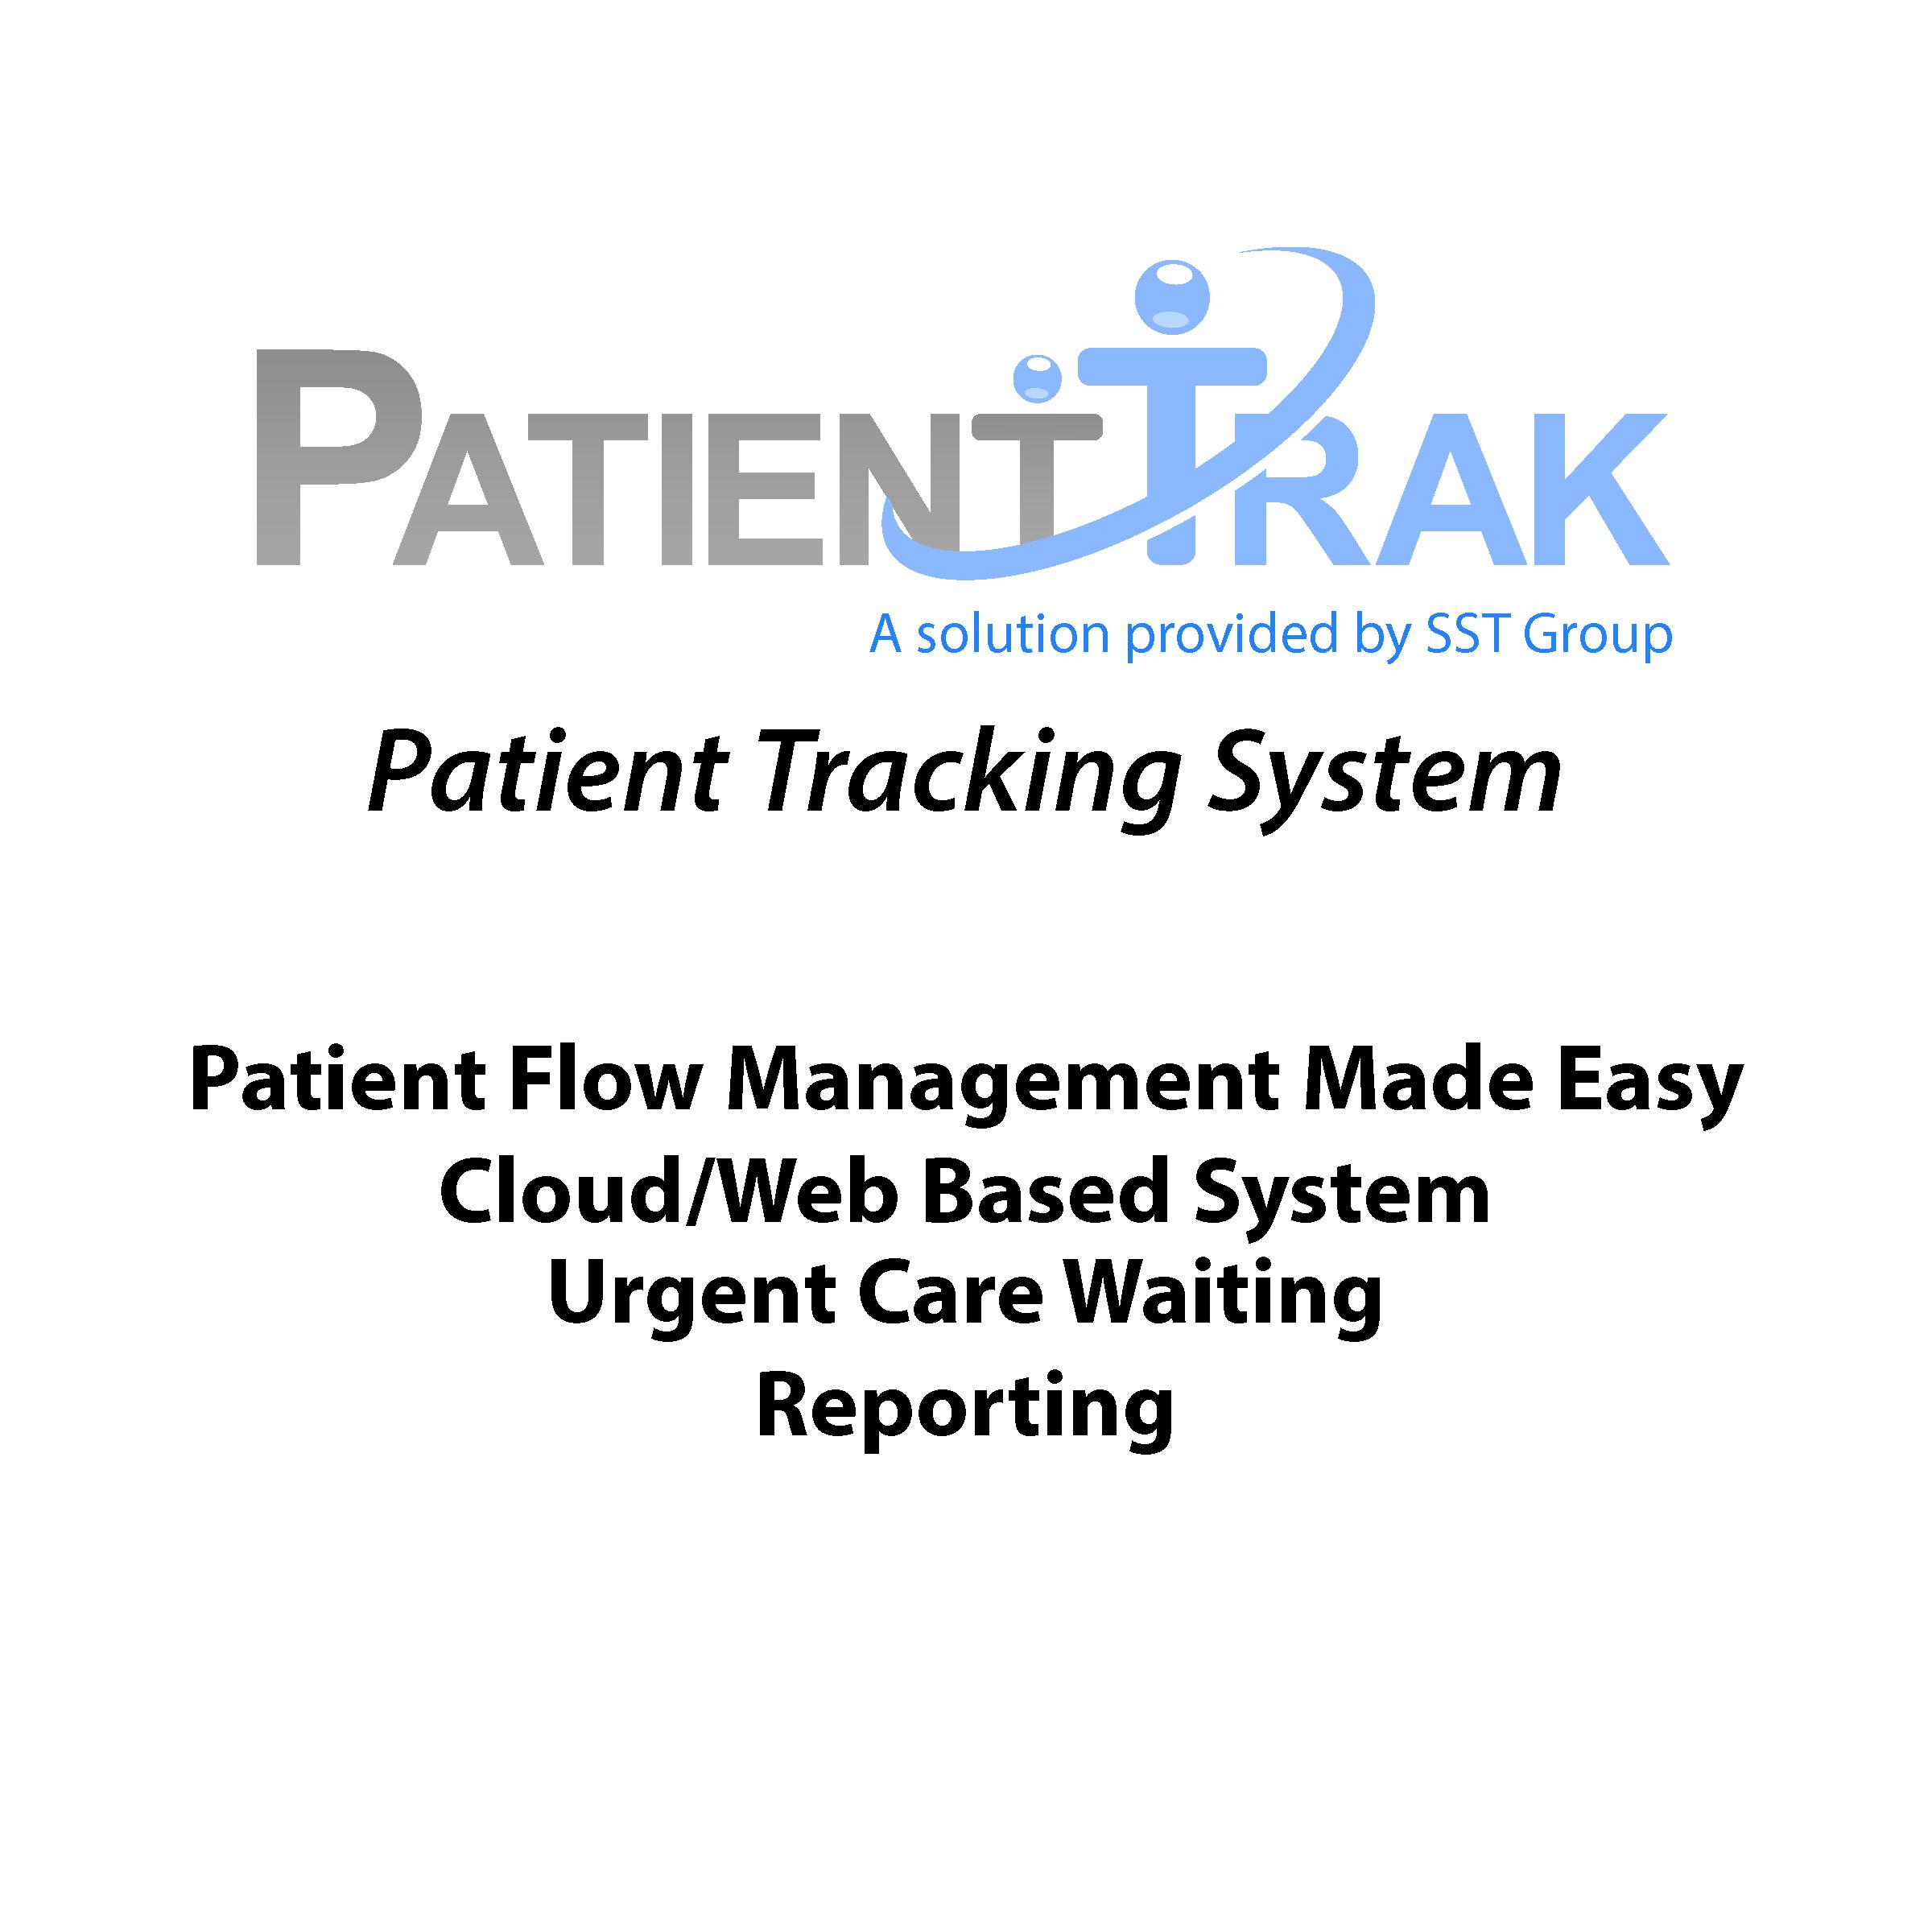 patienttrack